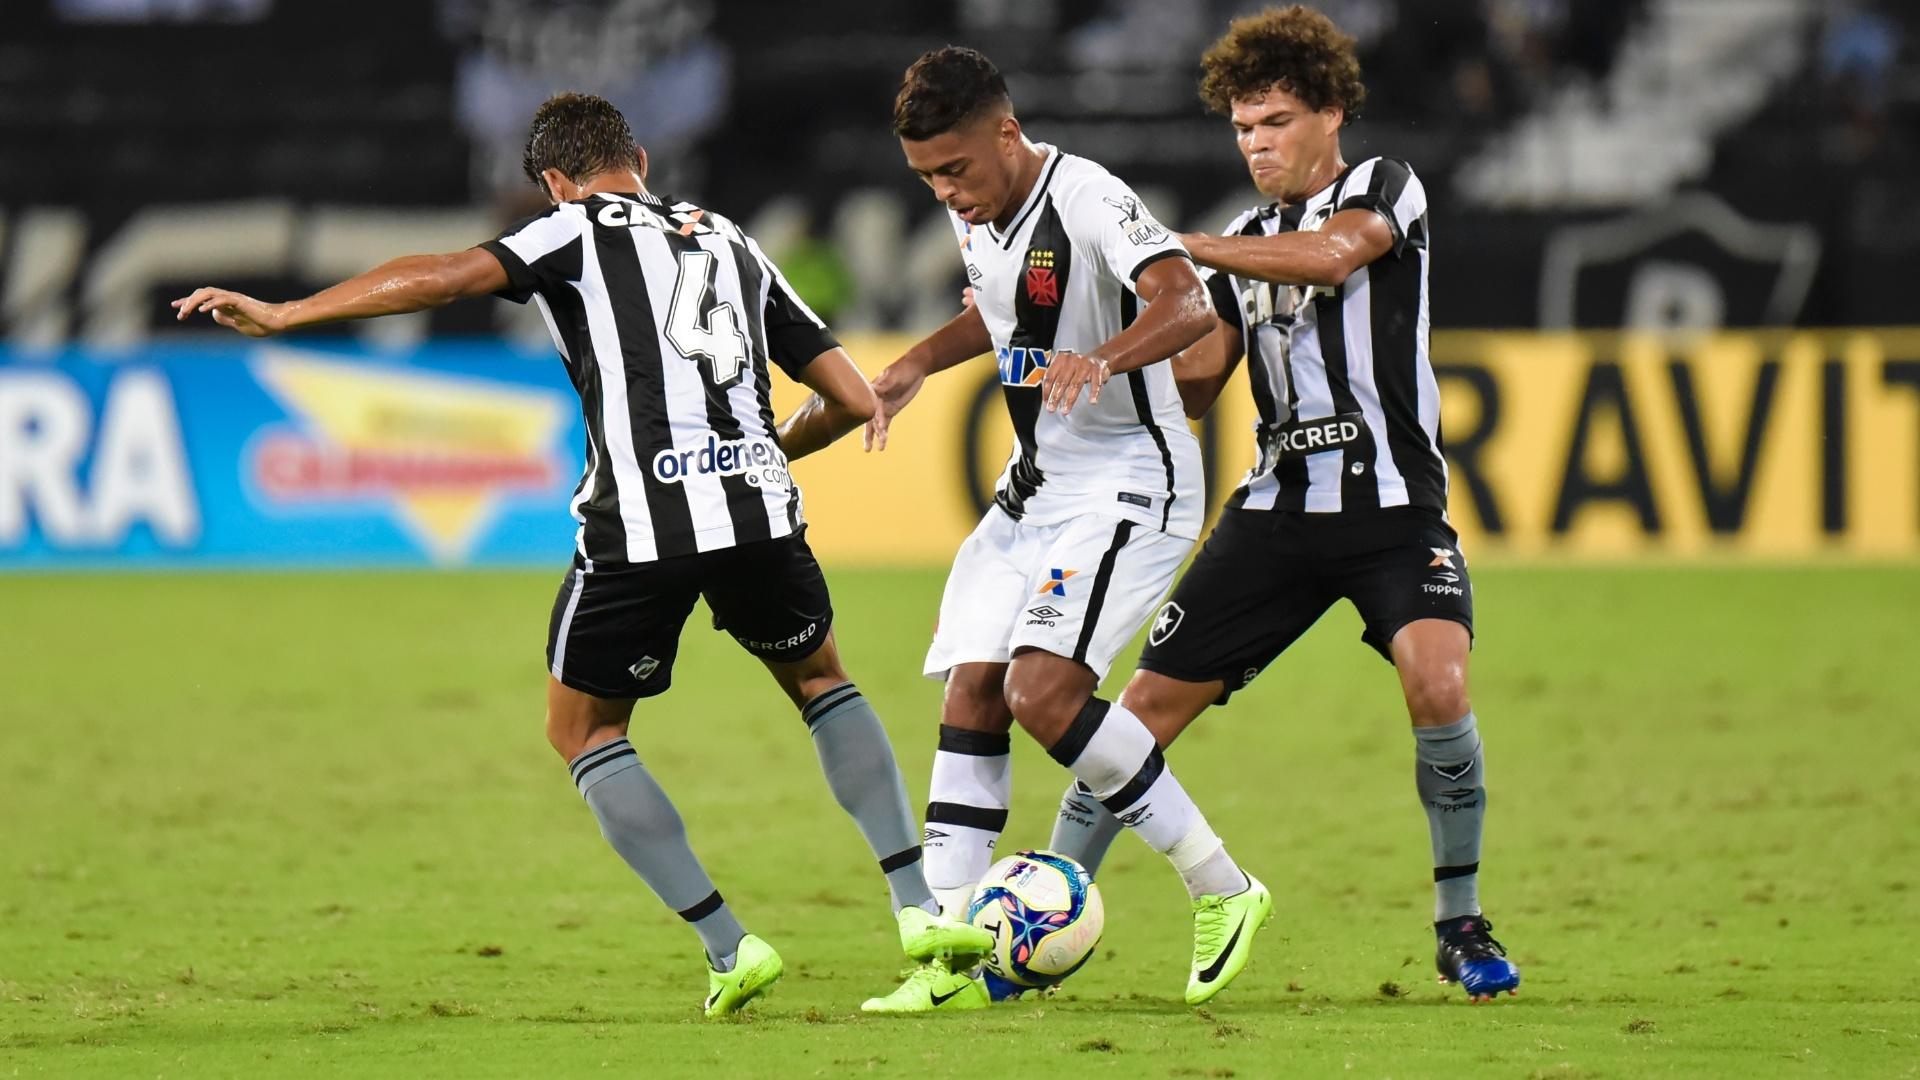 Camilo ajuda na marcação no clássico entre Vasco e Botafogo